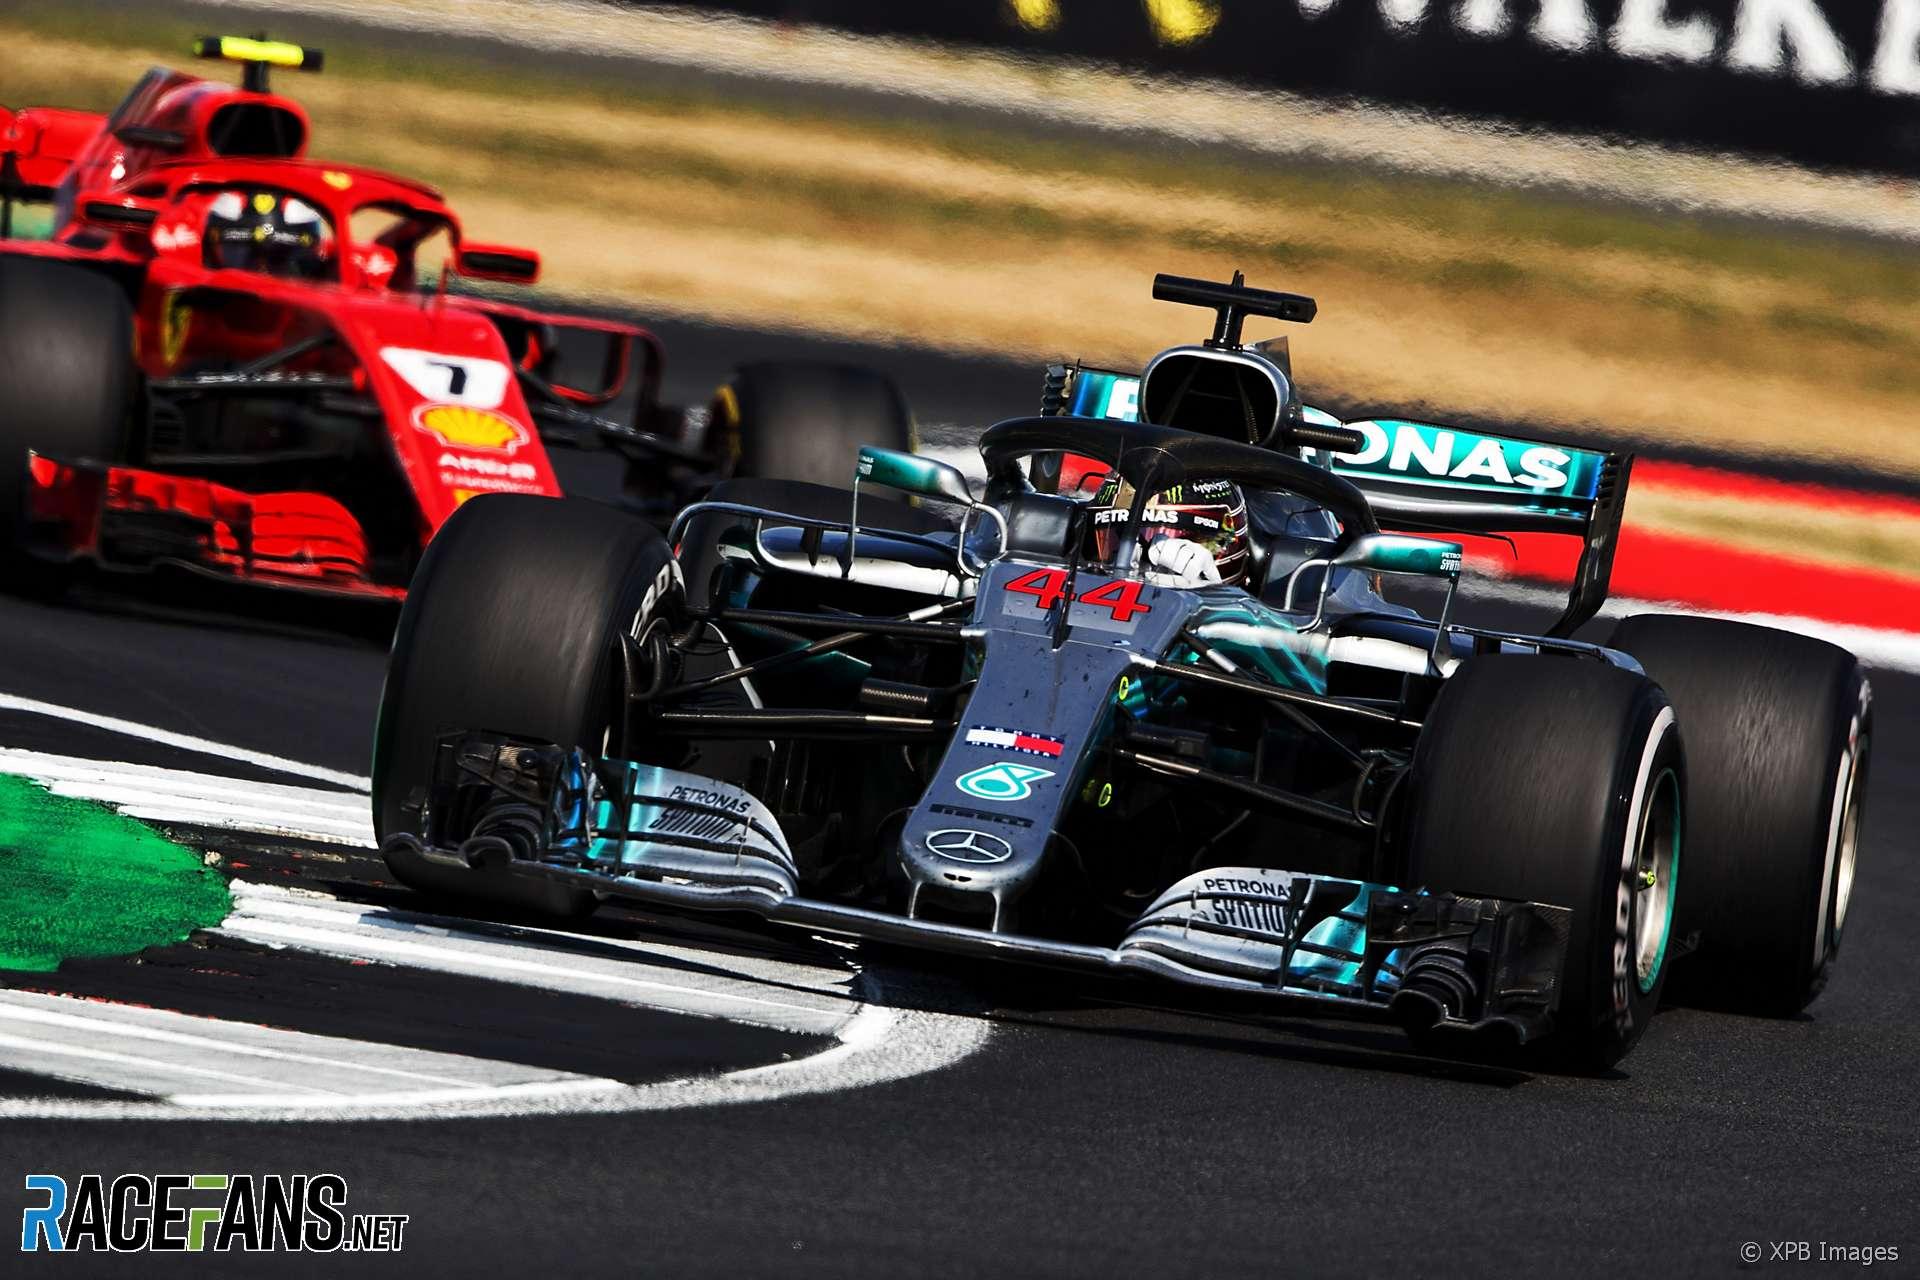 Lewis Hamilton, Mercedes, Silverstone, 2018